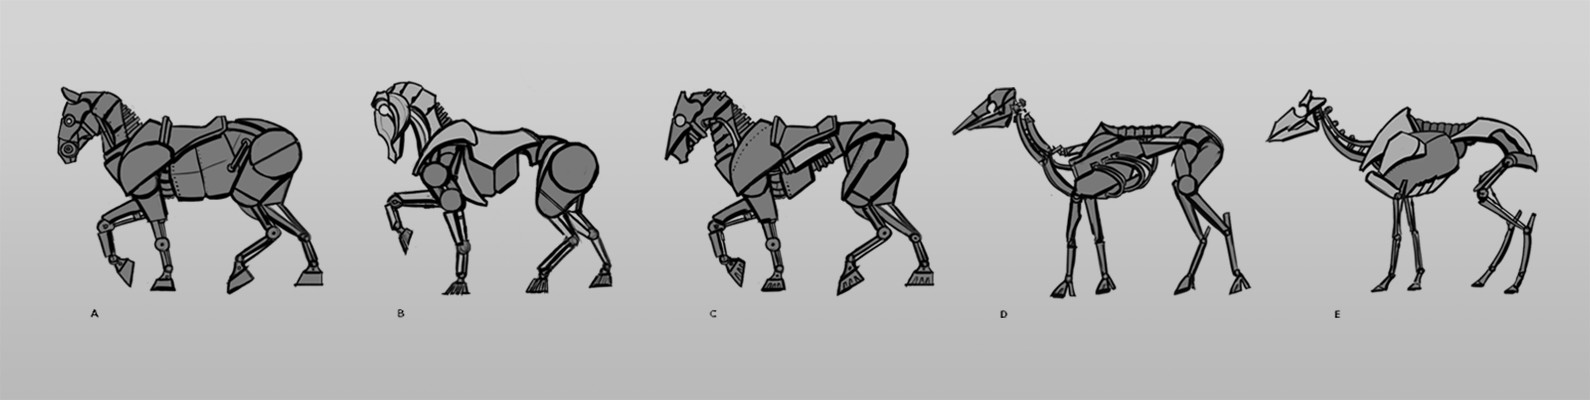 Toly kivshar riders concepts